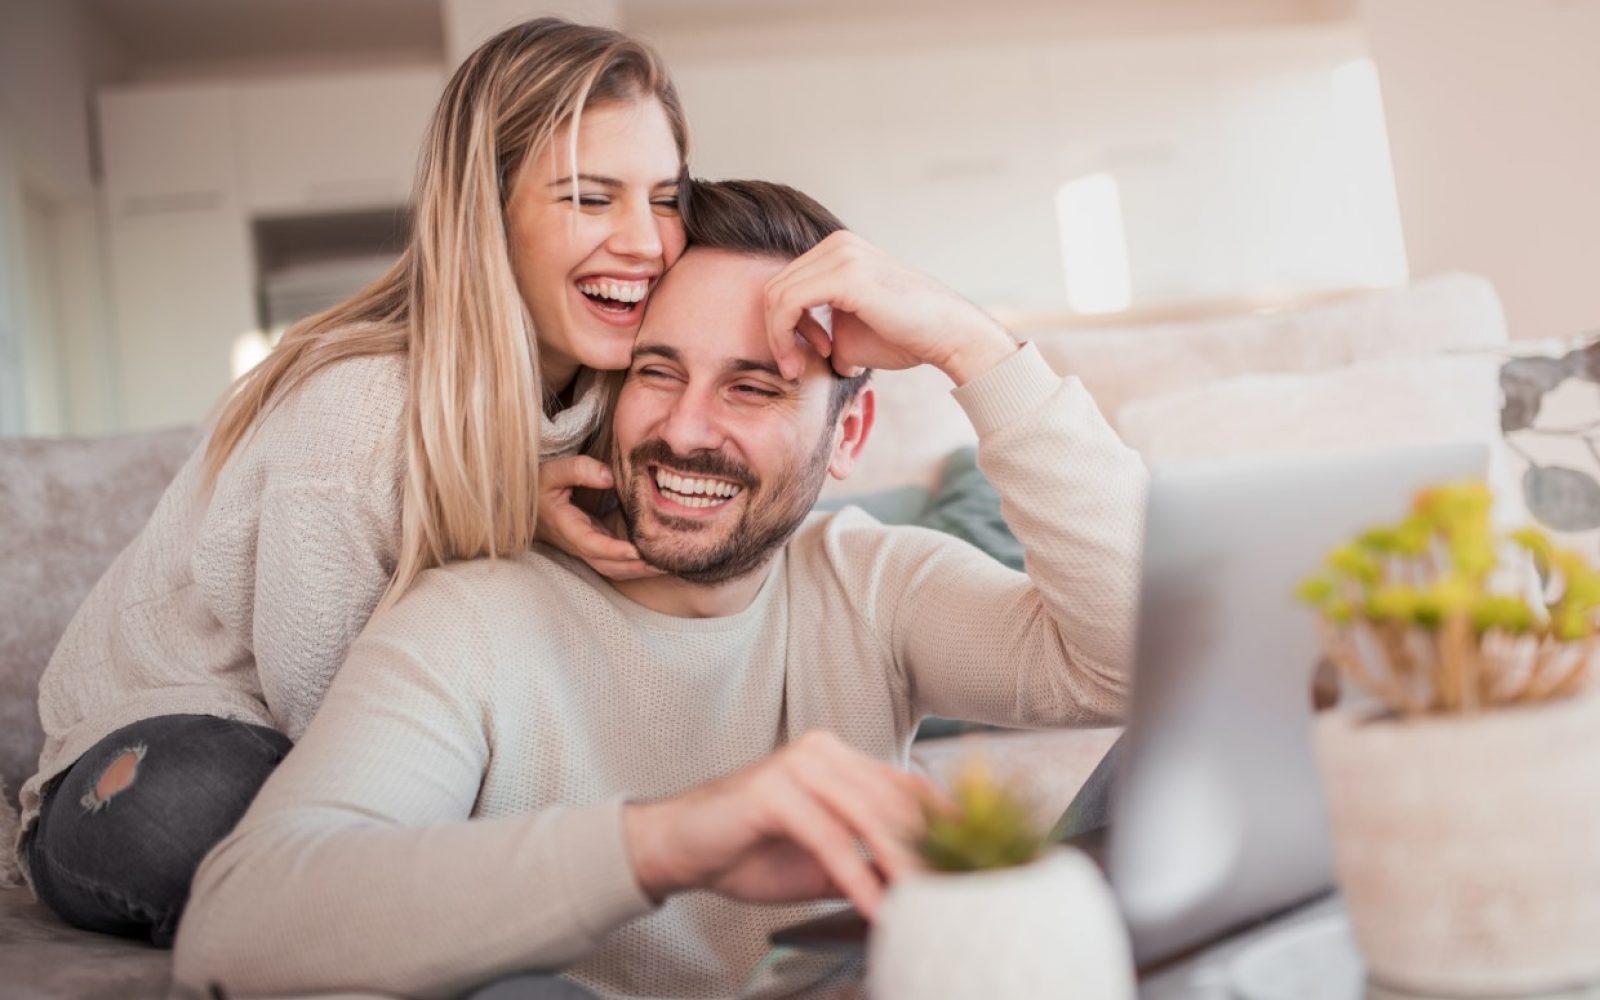 moski in zenska partnerski odnos - zaupanje in veselje